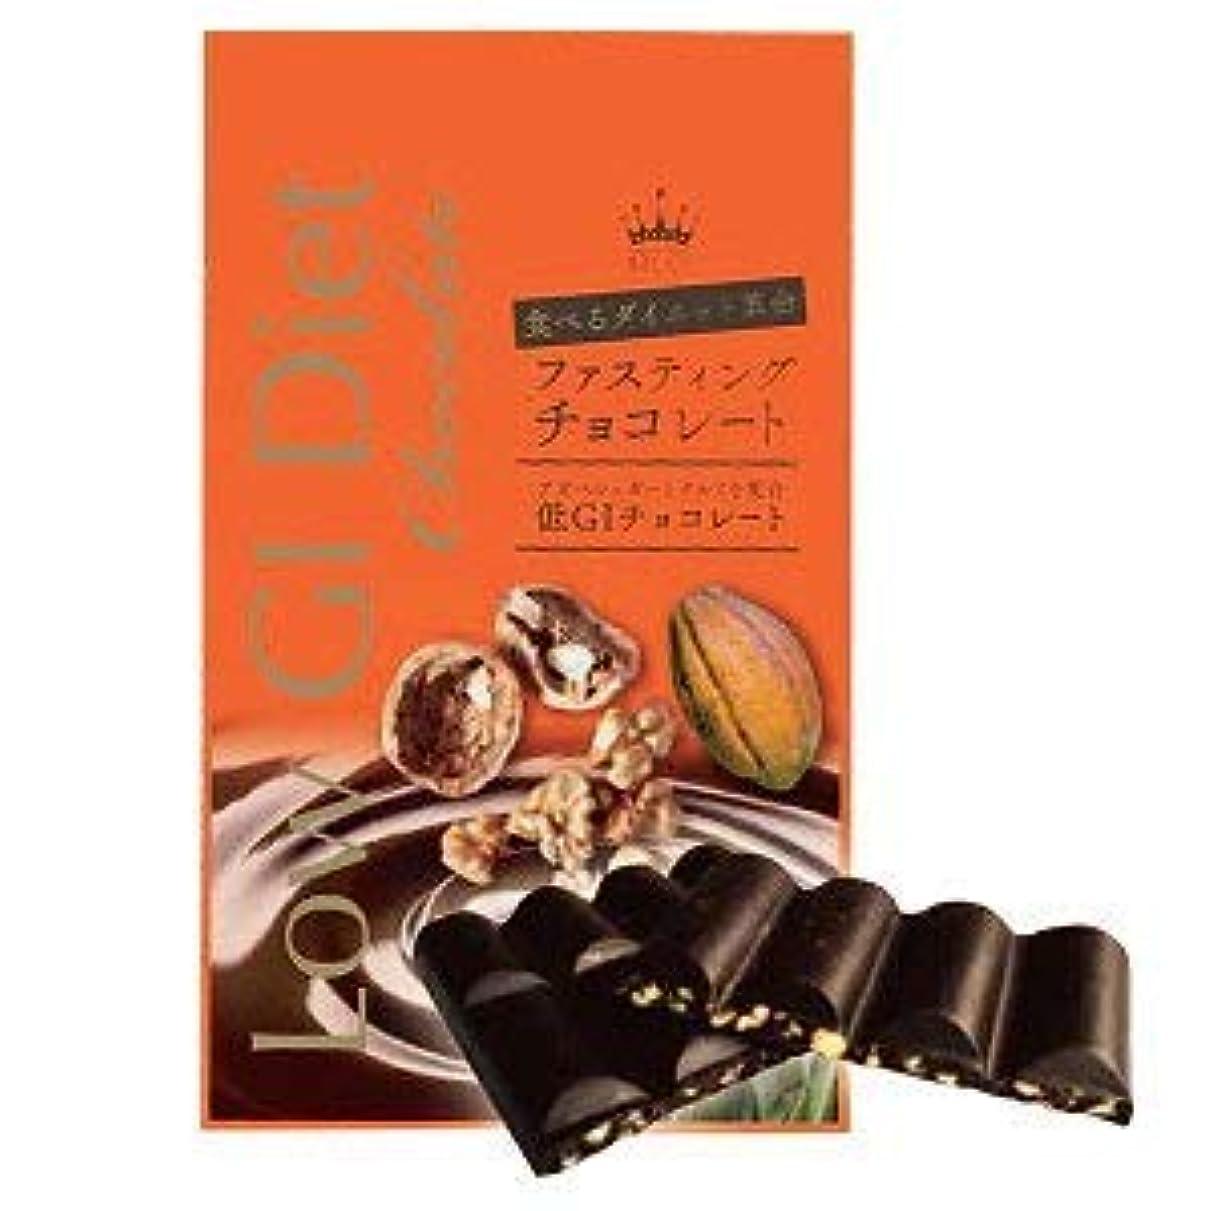 粒怒って該当するファスティングチョコレート 25g×3個 1袋